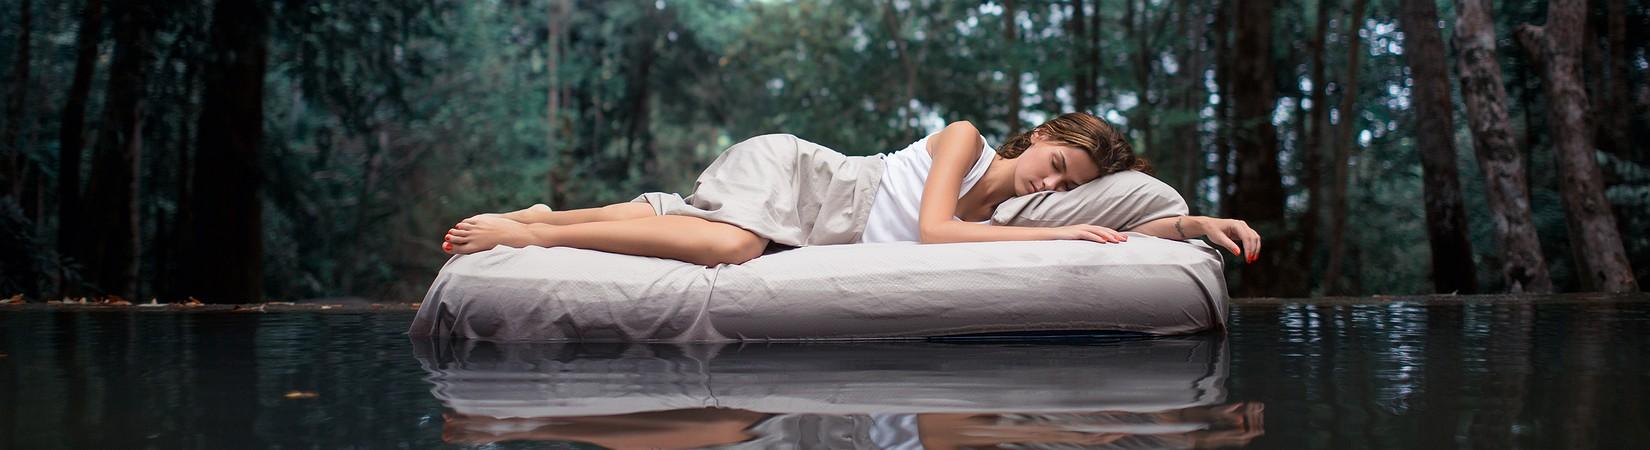 Trucchi per dormire meglio la notte